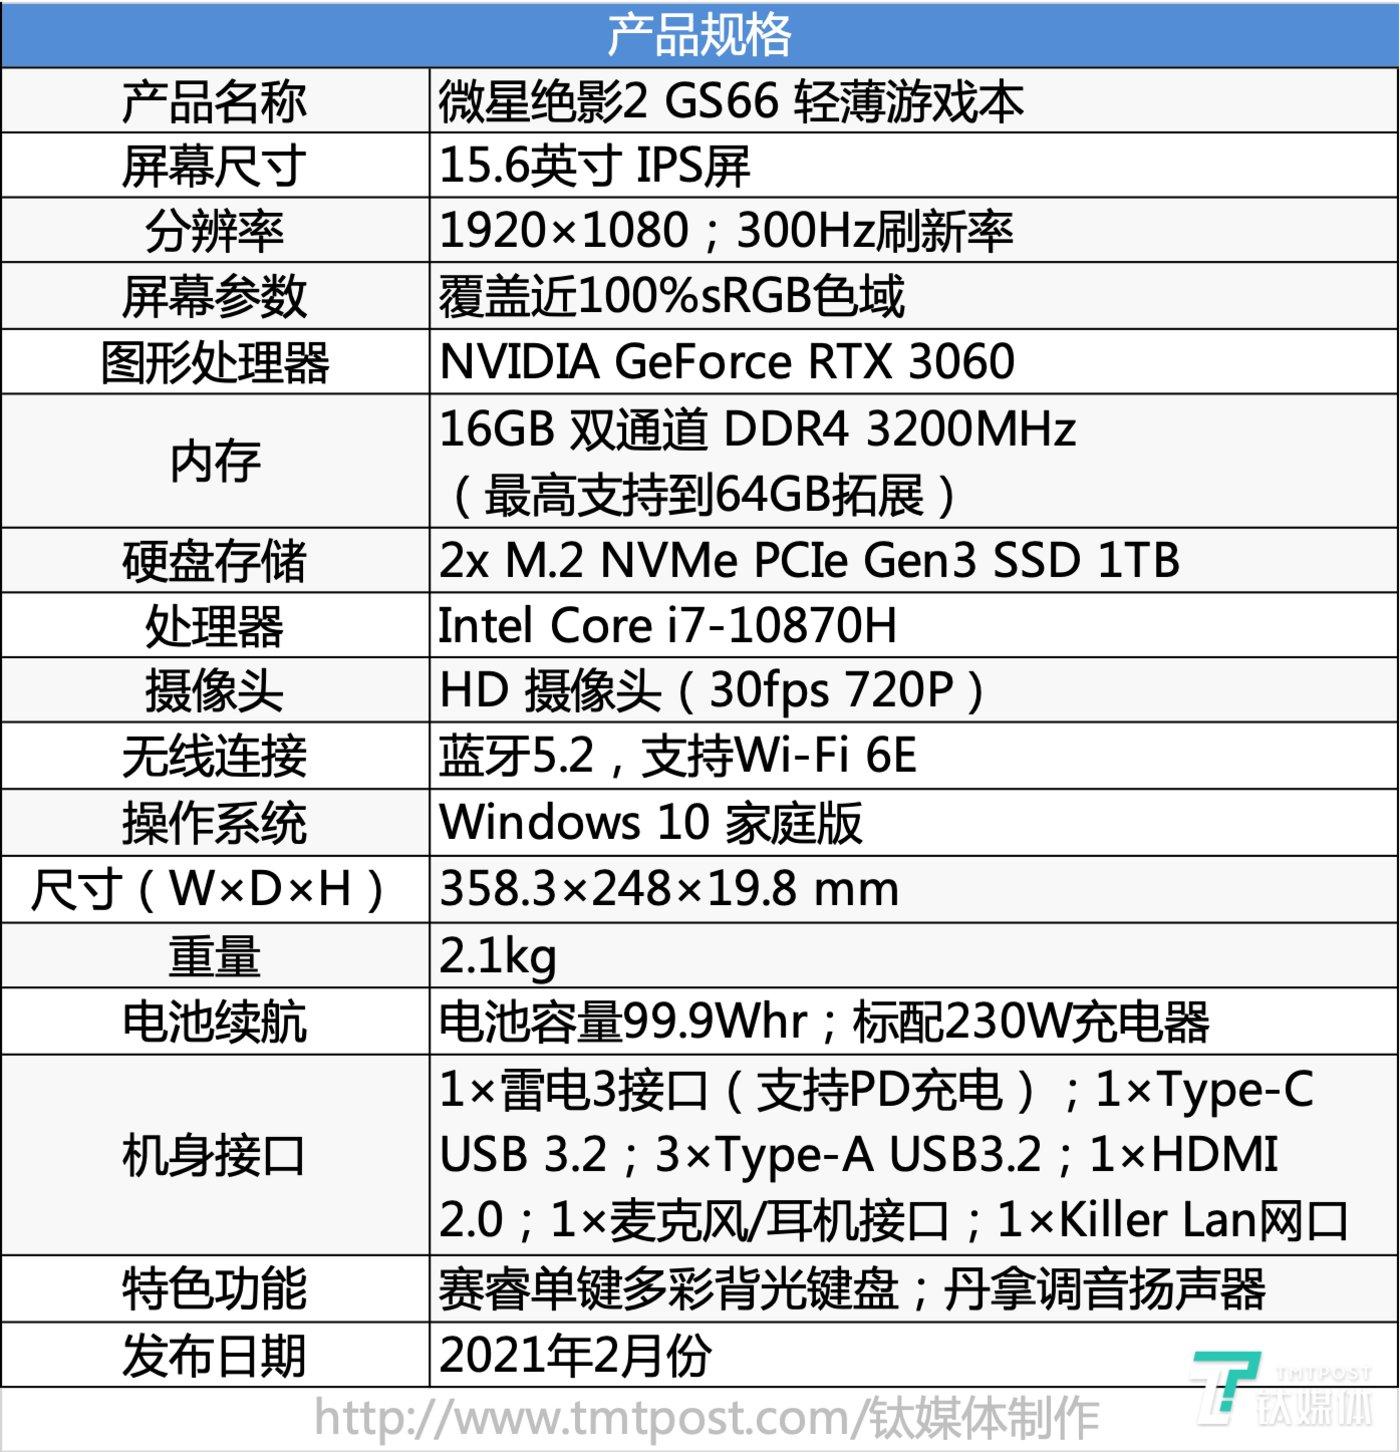 产品硬件参数一览